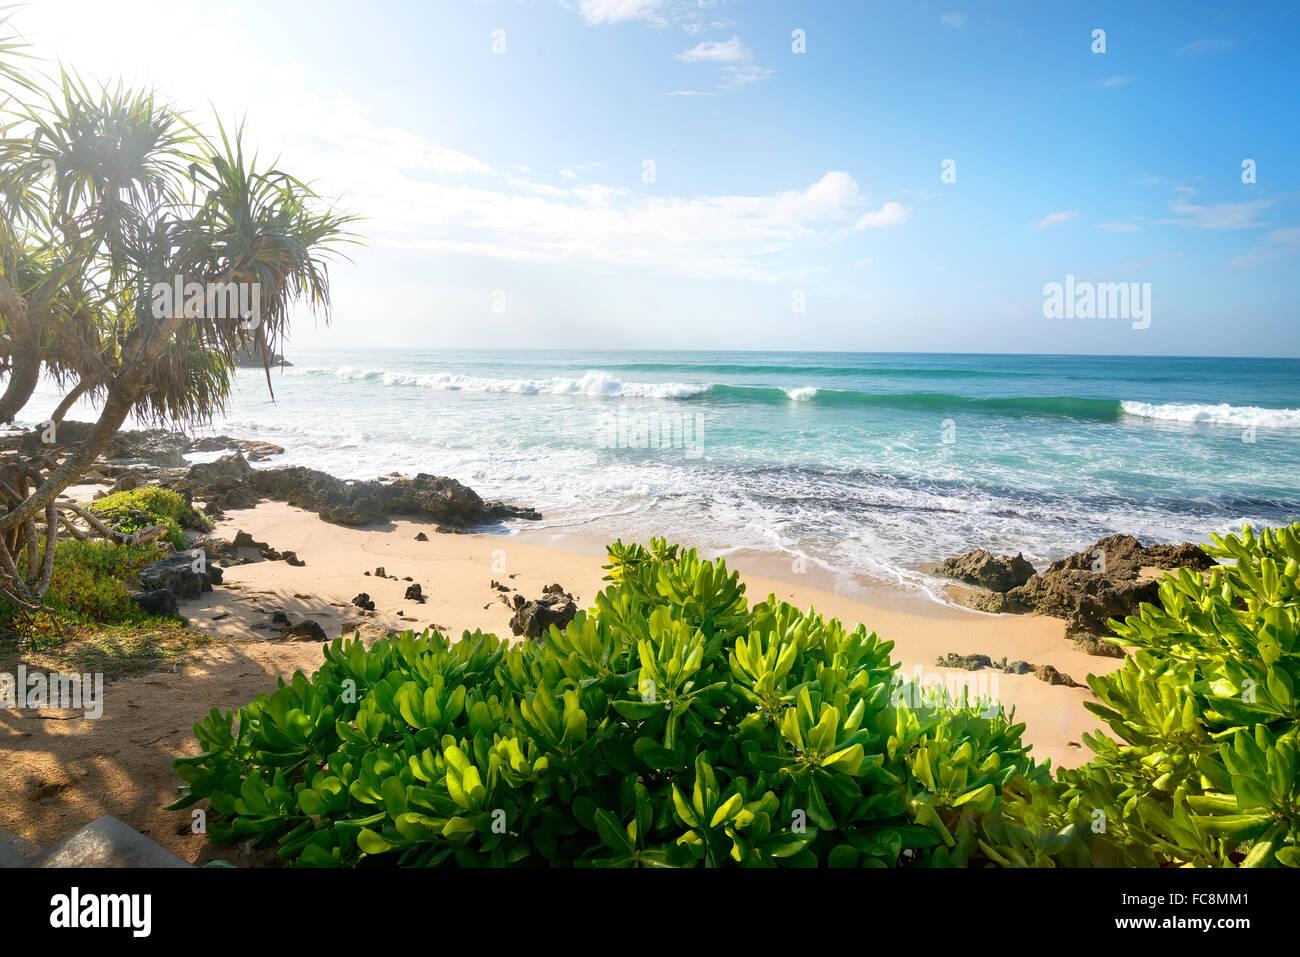 Plantes exotiques sur une plage de sable de l'océan indien Photo Stock